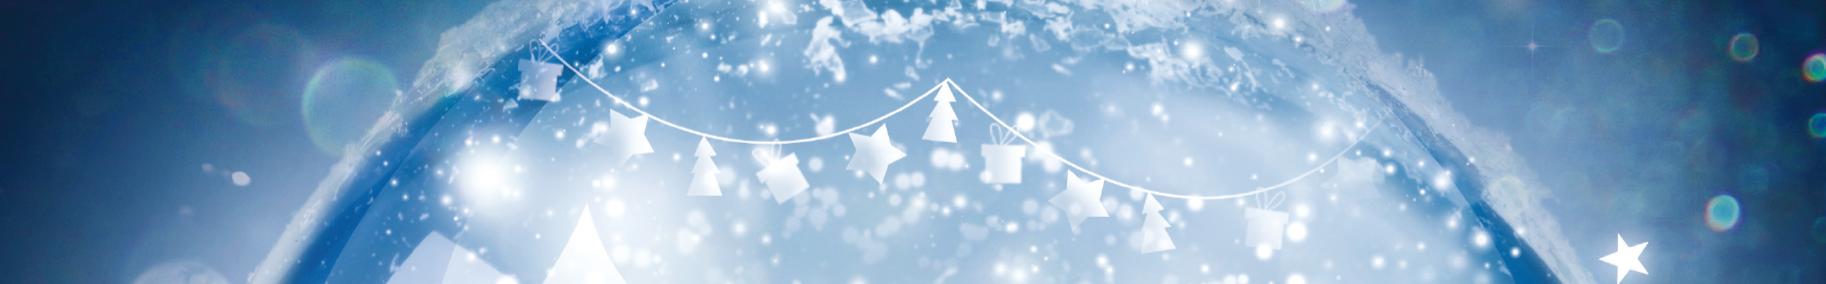 Secouez la magie de Noël